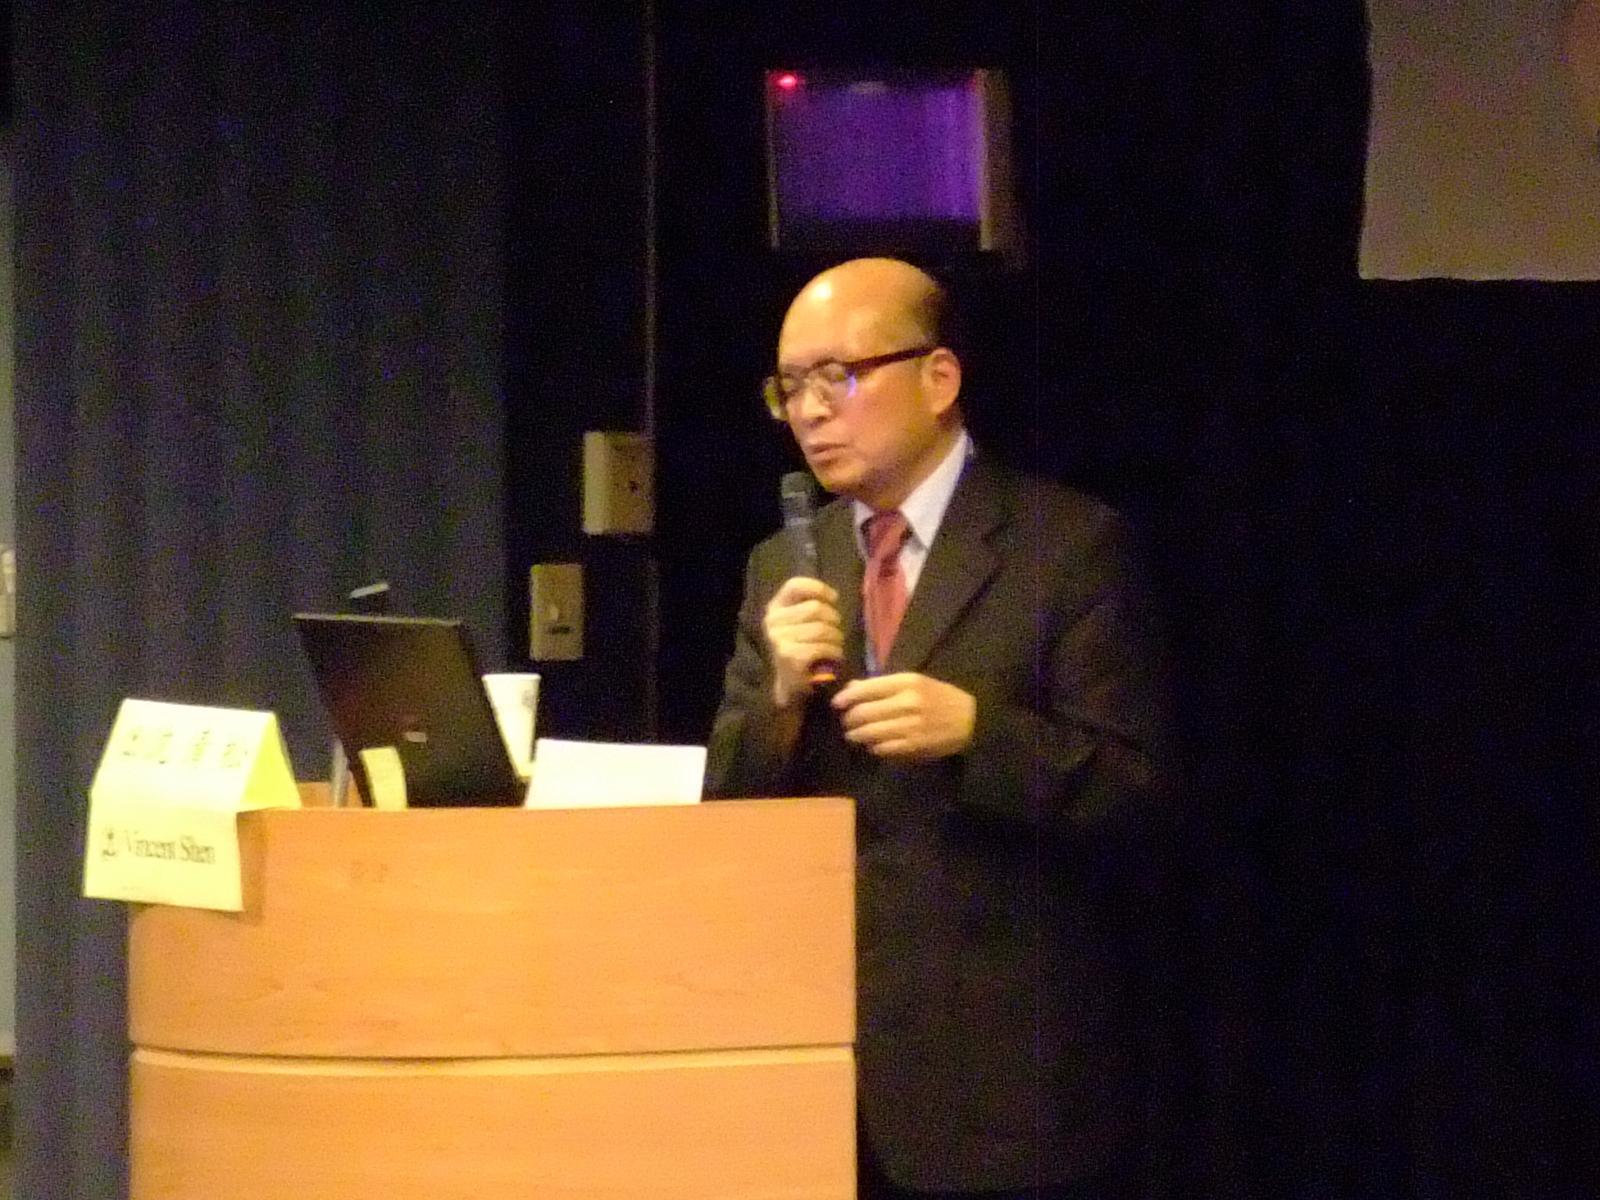 201004紀念利瑪竇逝世四百週年國際學術研討會-22